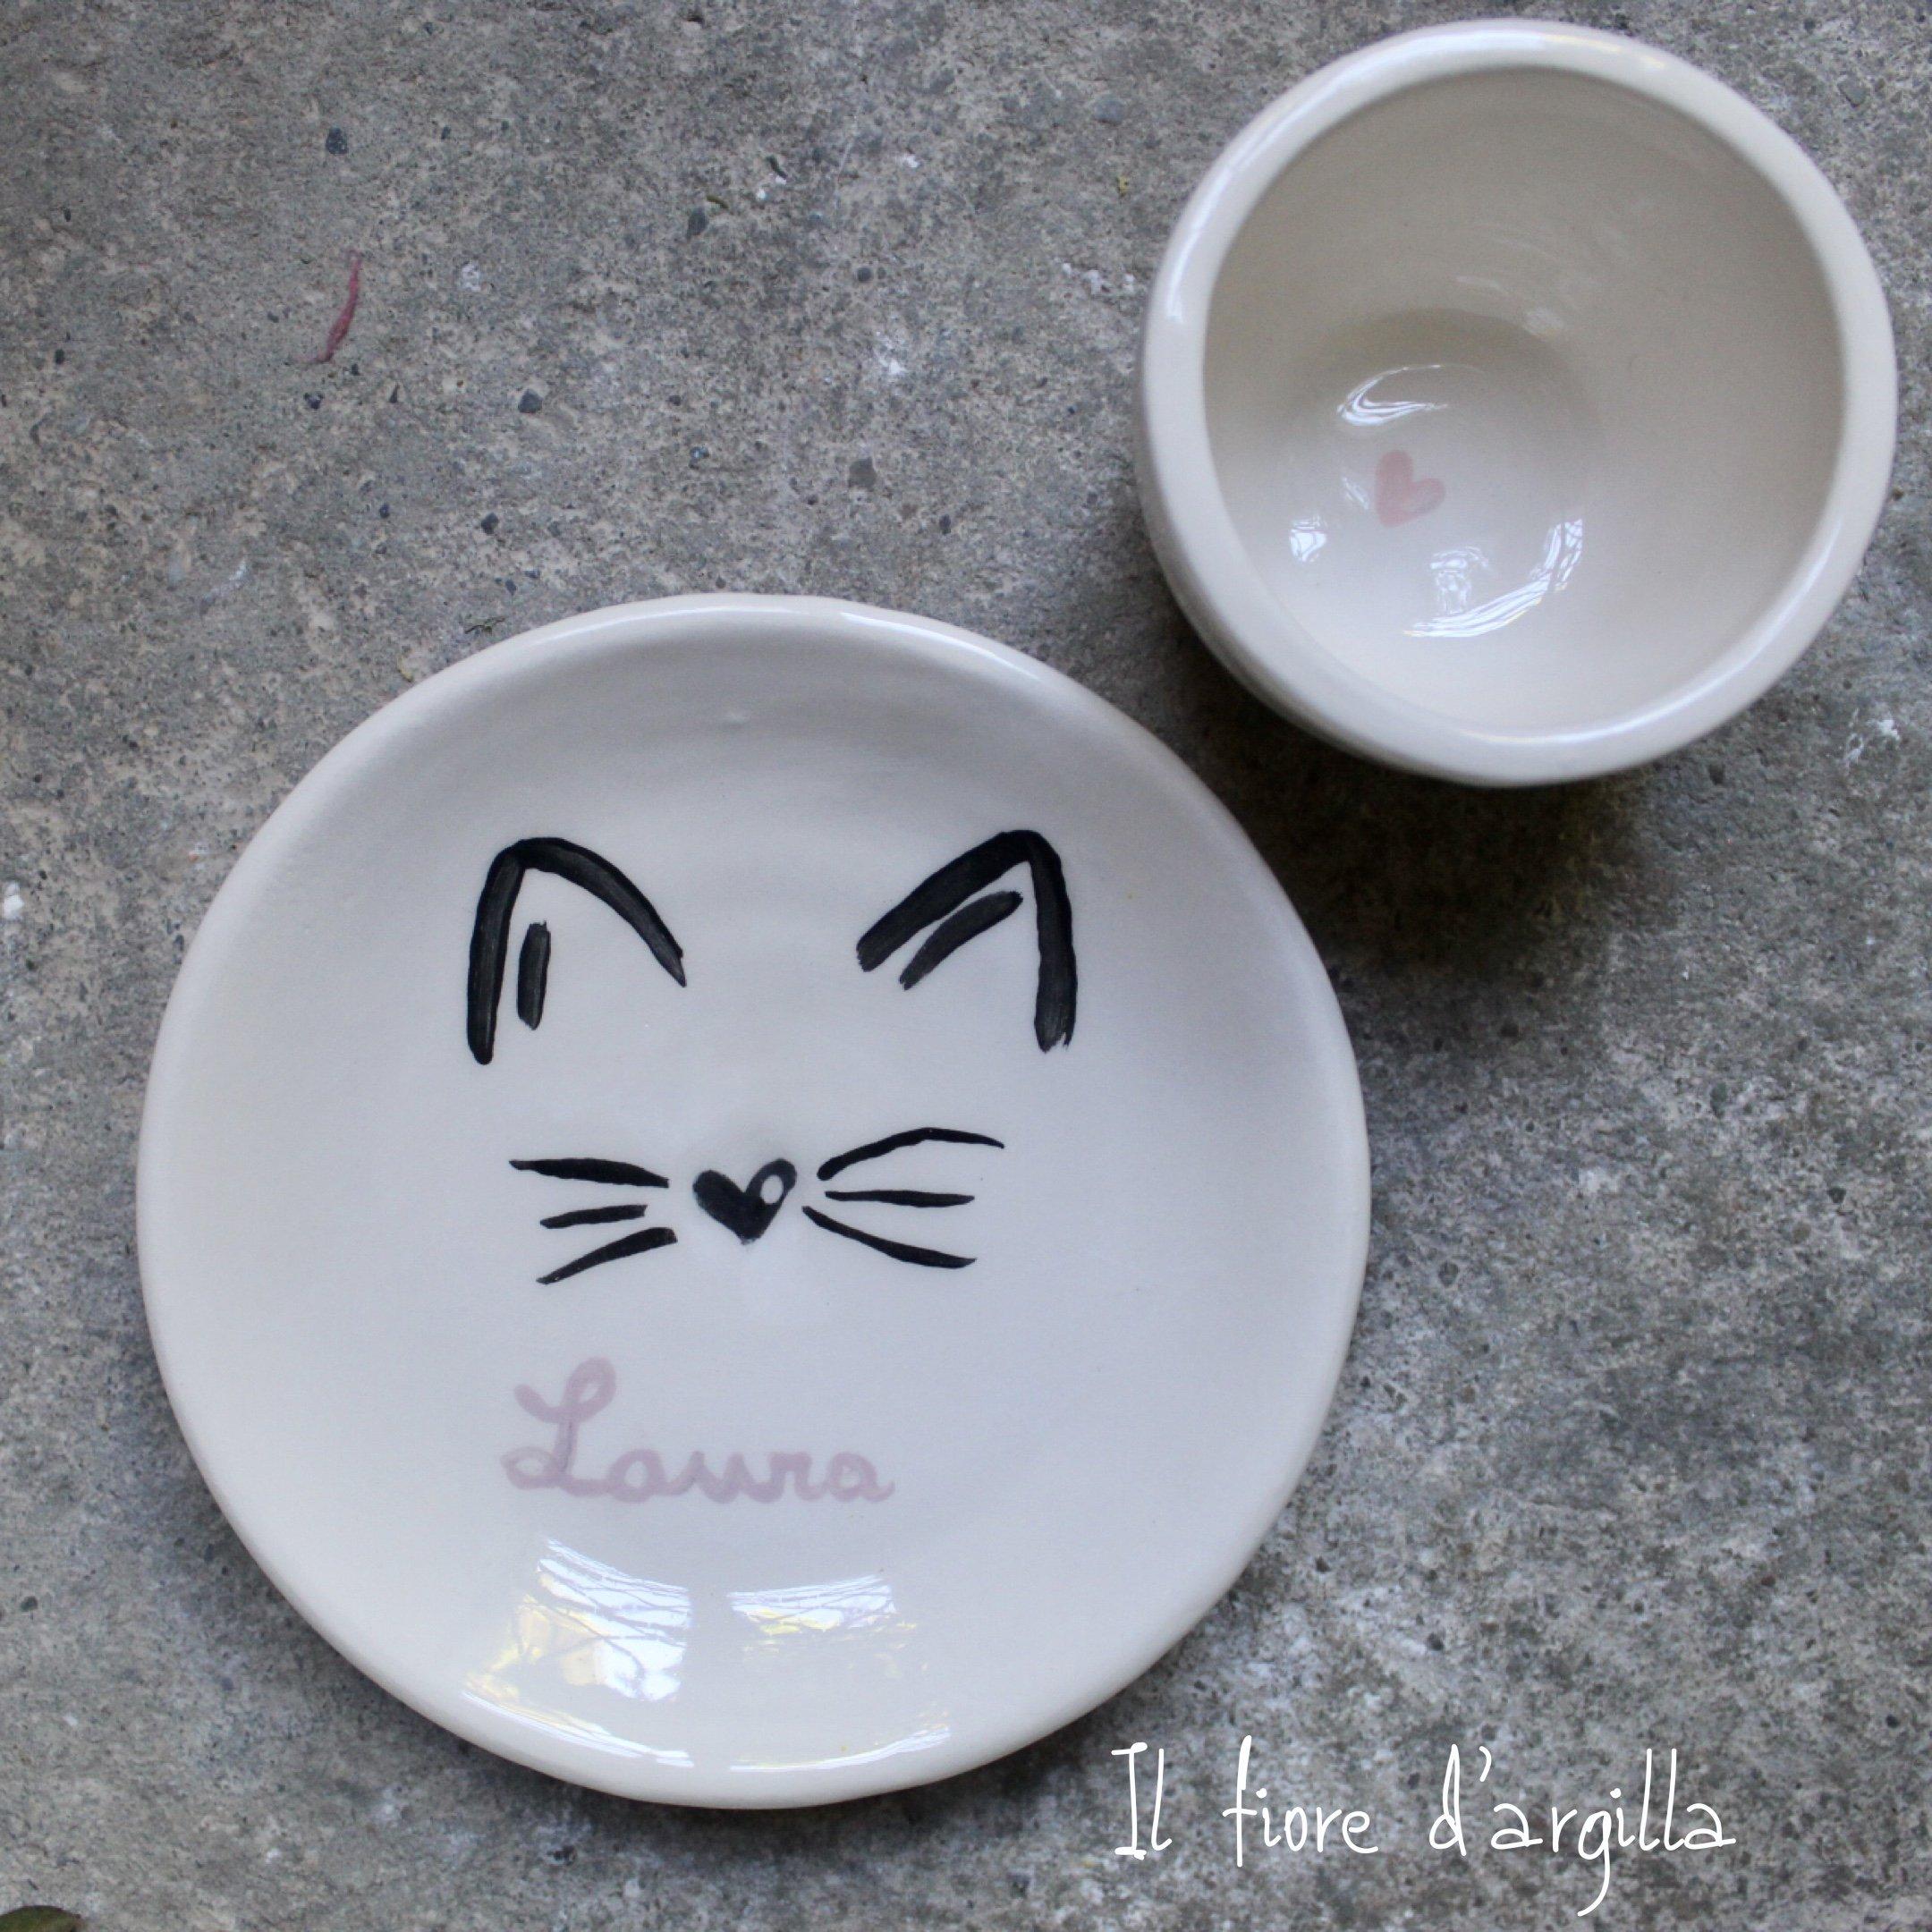 Piattino personalizzato con muso di gatto